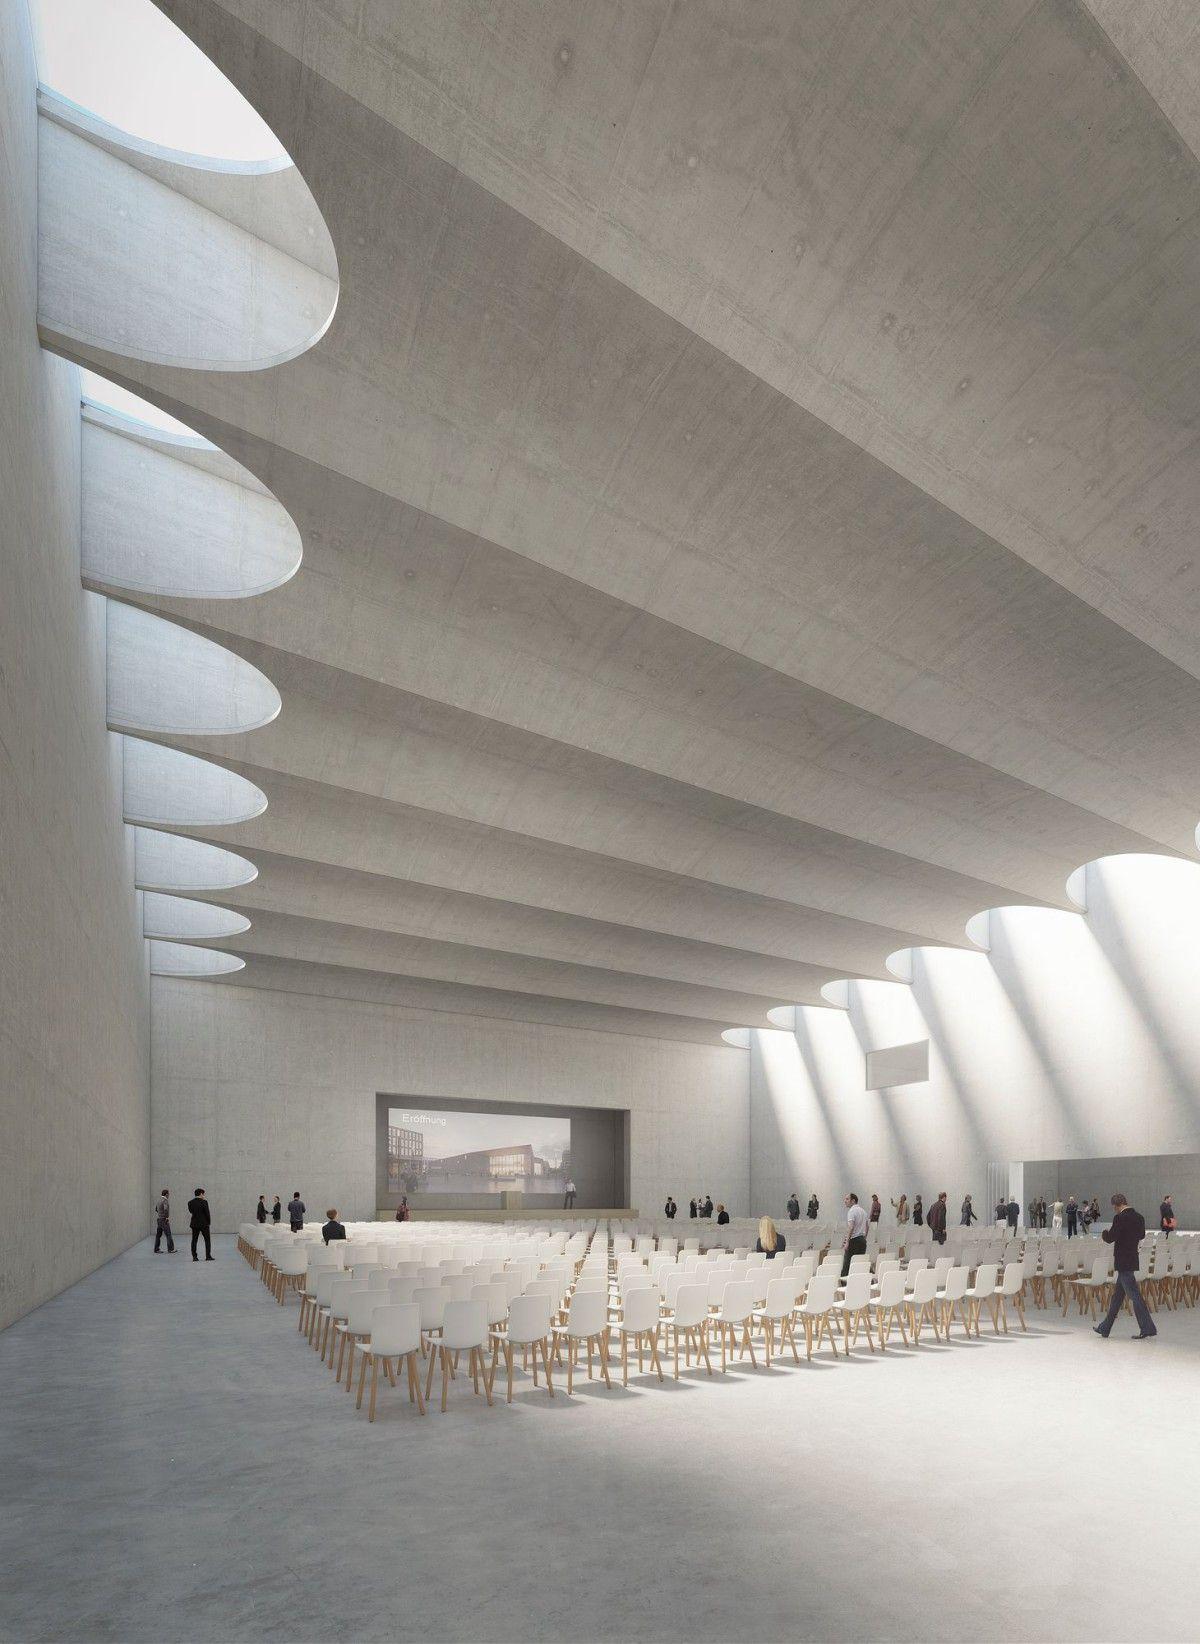 Architekten Heidelberg degelo architekten convention center heidelberg 3 interior